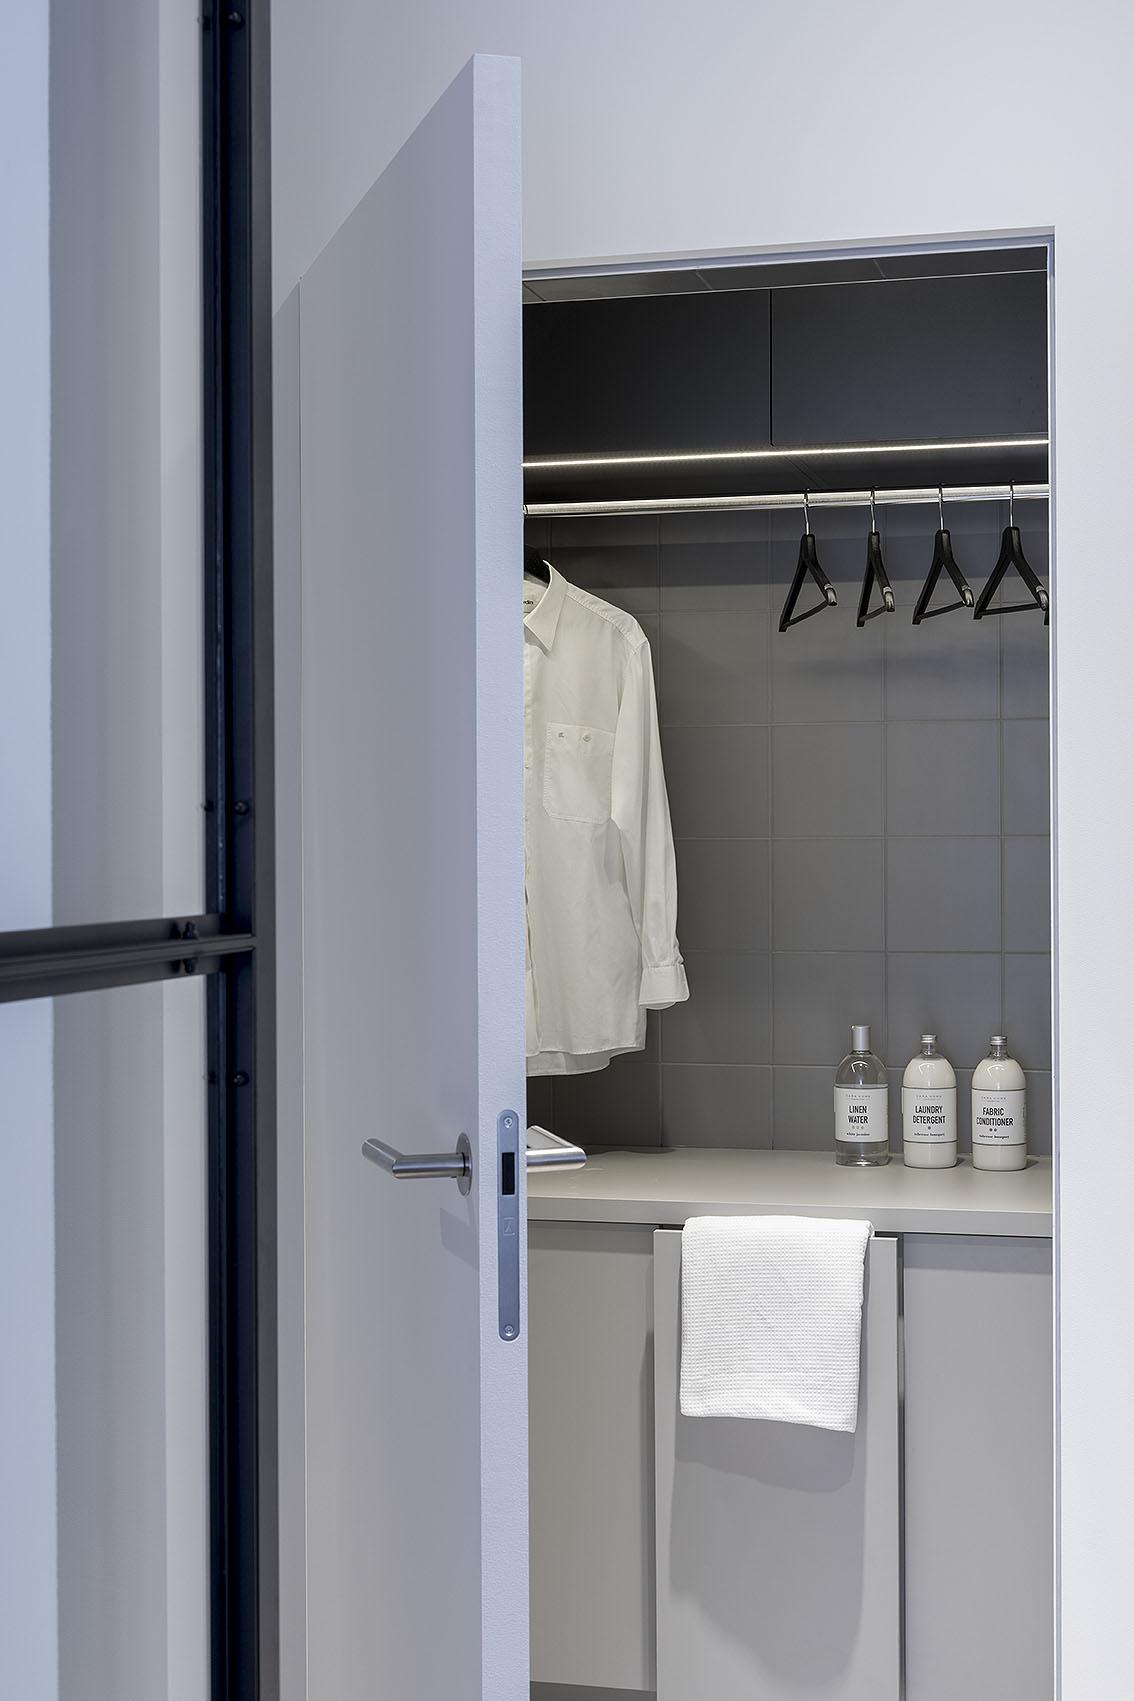 Uchylone ukryte drzwi do pralni.